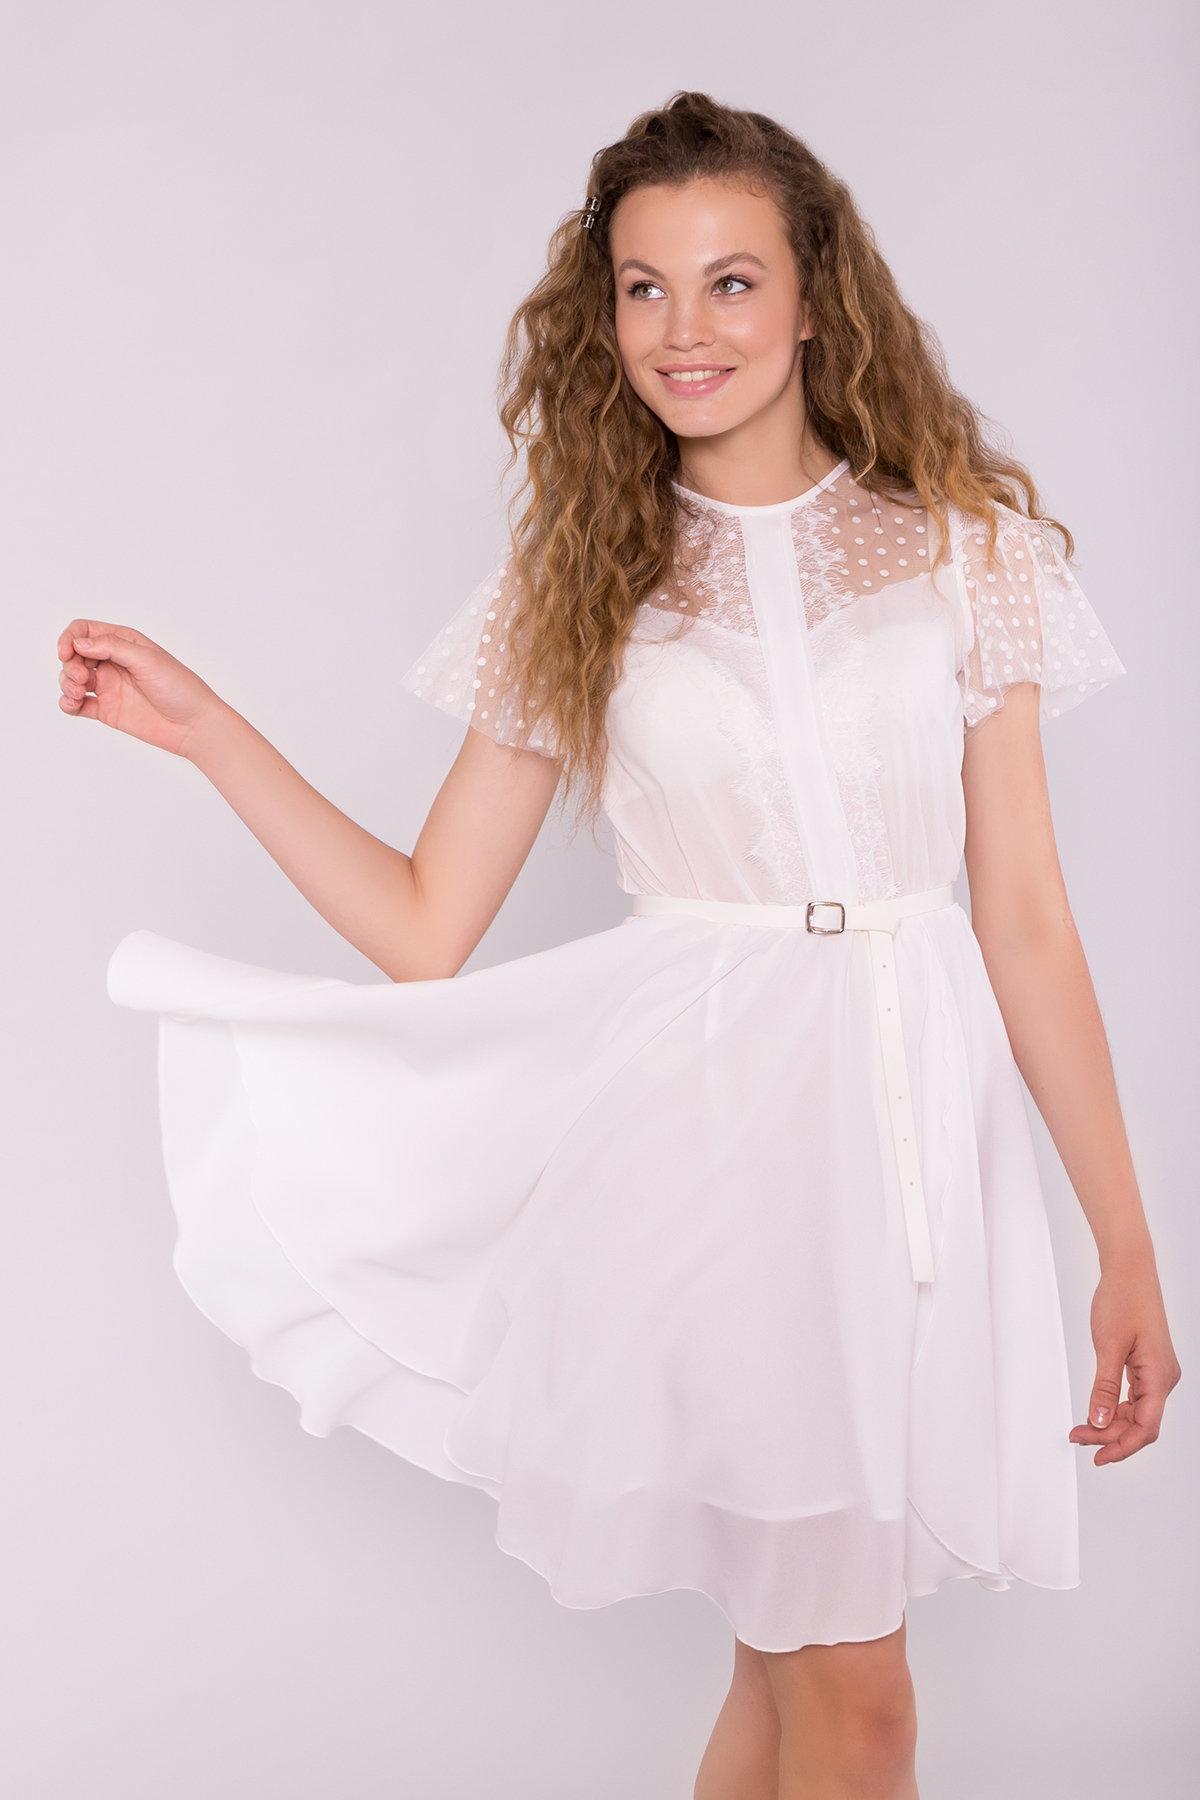 Платье Ламара 7143 АРТ. 42783 Цвет: Молоко 2 - фото 2, интернет магазин tm-modus.ru